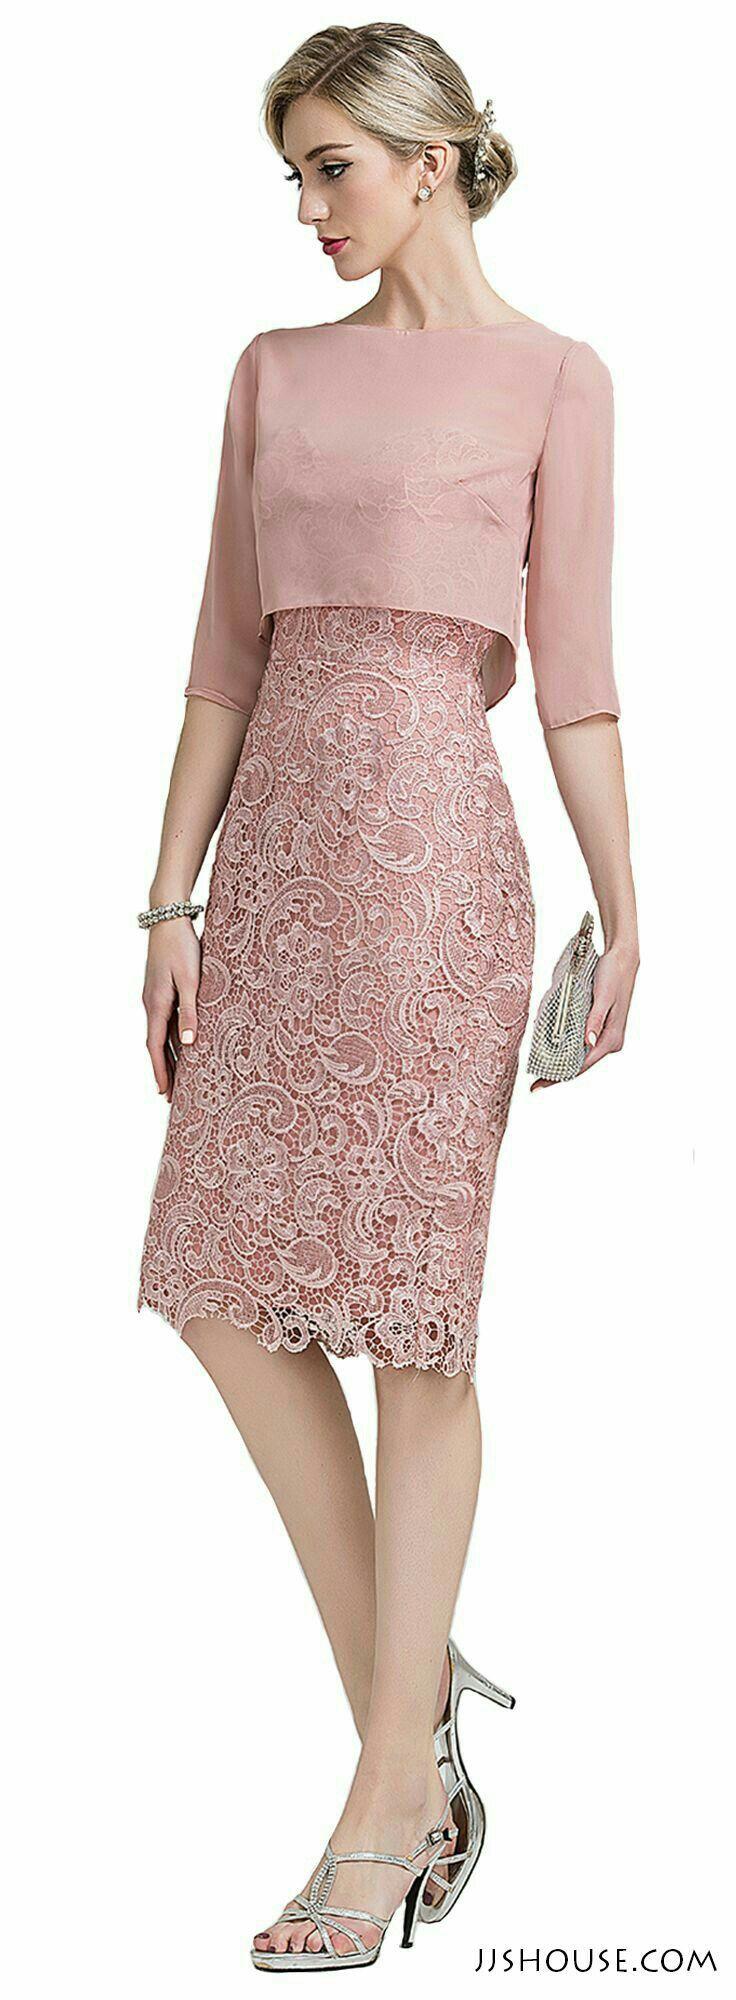 29 best Vestidos images on Pinterest | Low cut dresses, Block dress ...